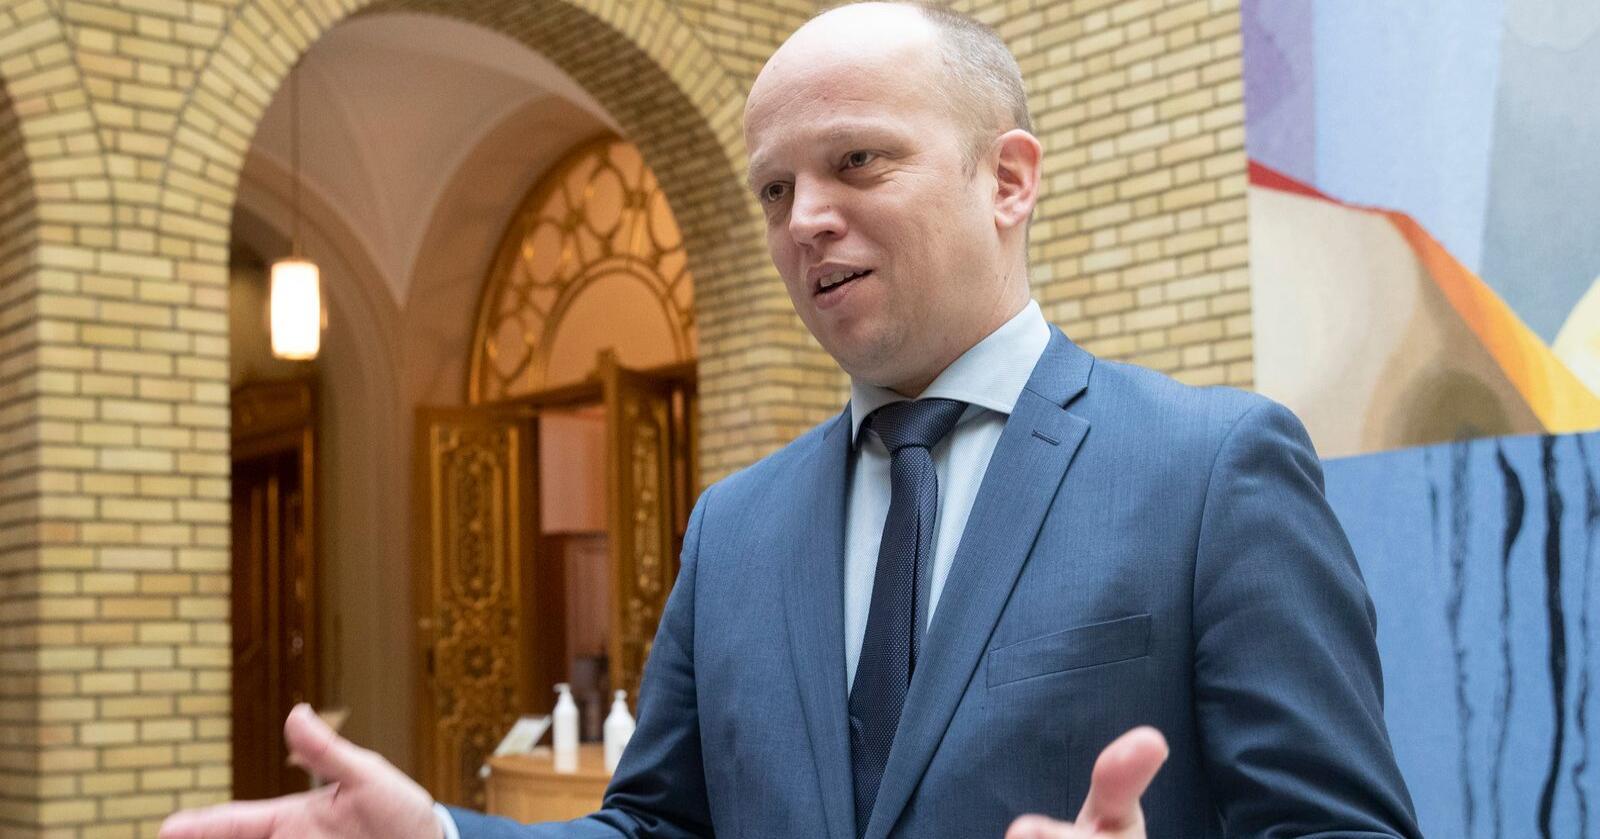 Senterpartiets leder Trygve Slagsvold Vedum frykter nye avgiftsøkninger i revidert nasjonalbudsjett. Foto: Terje Bendiksby / NTB scanpix